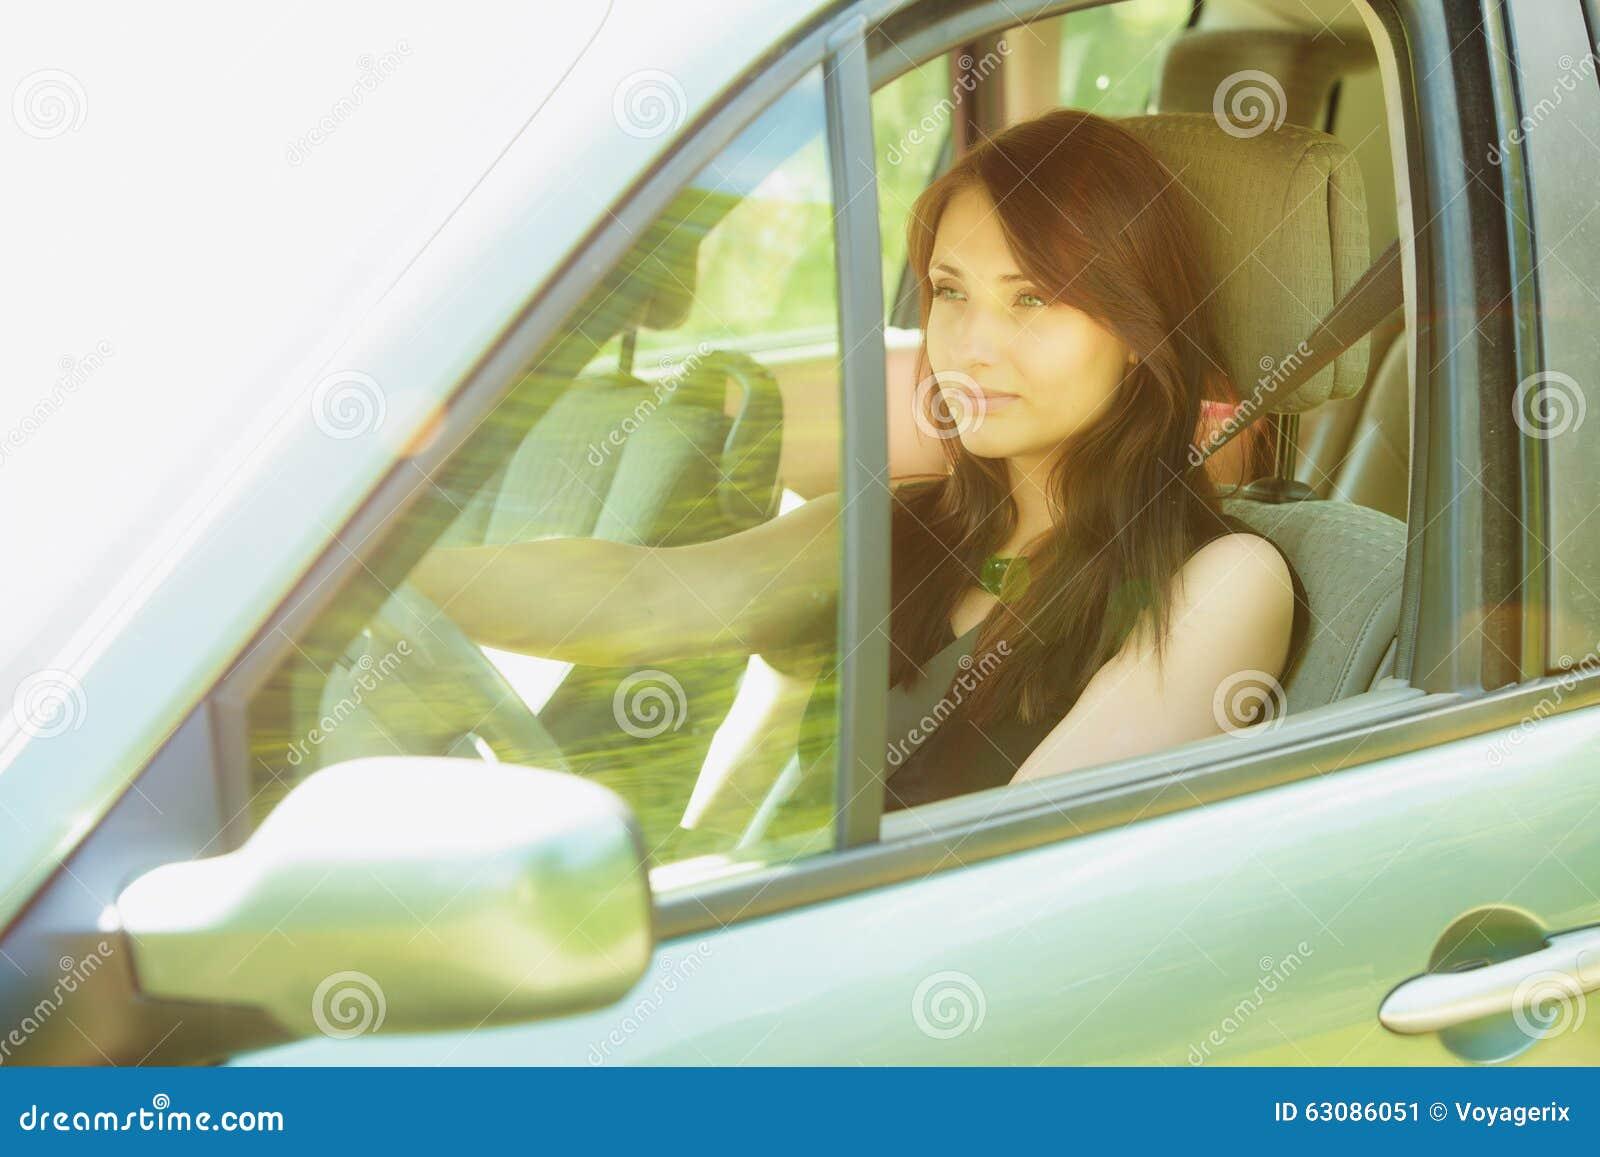 Download Transport Femme De Brune Conduisant Une Voiture Image stock - Image du automobile, brunette: 63086051